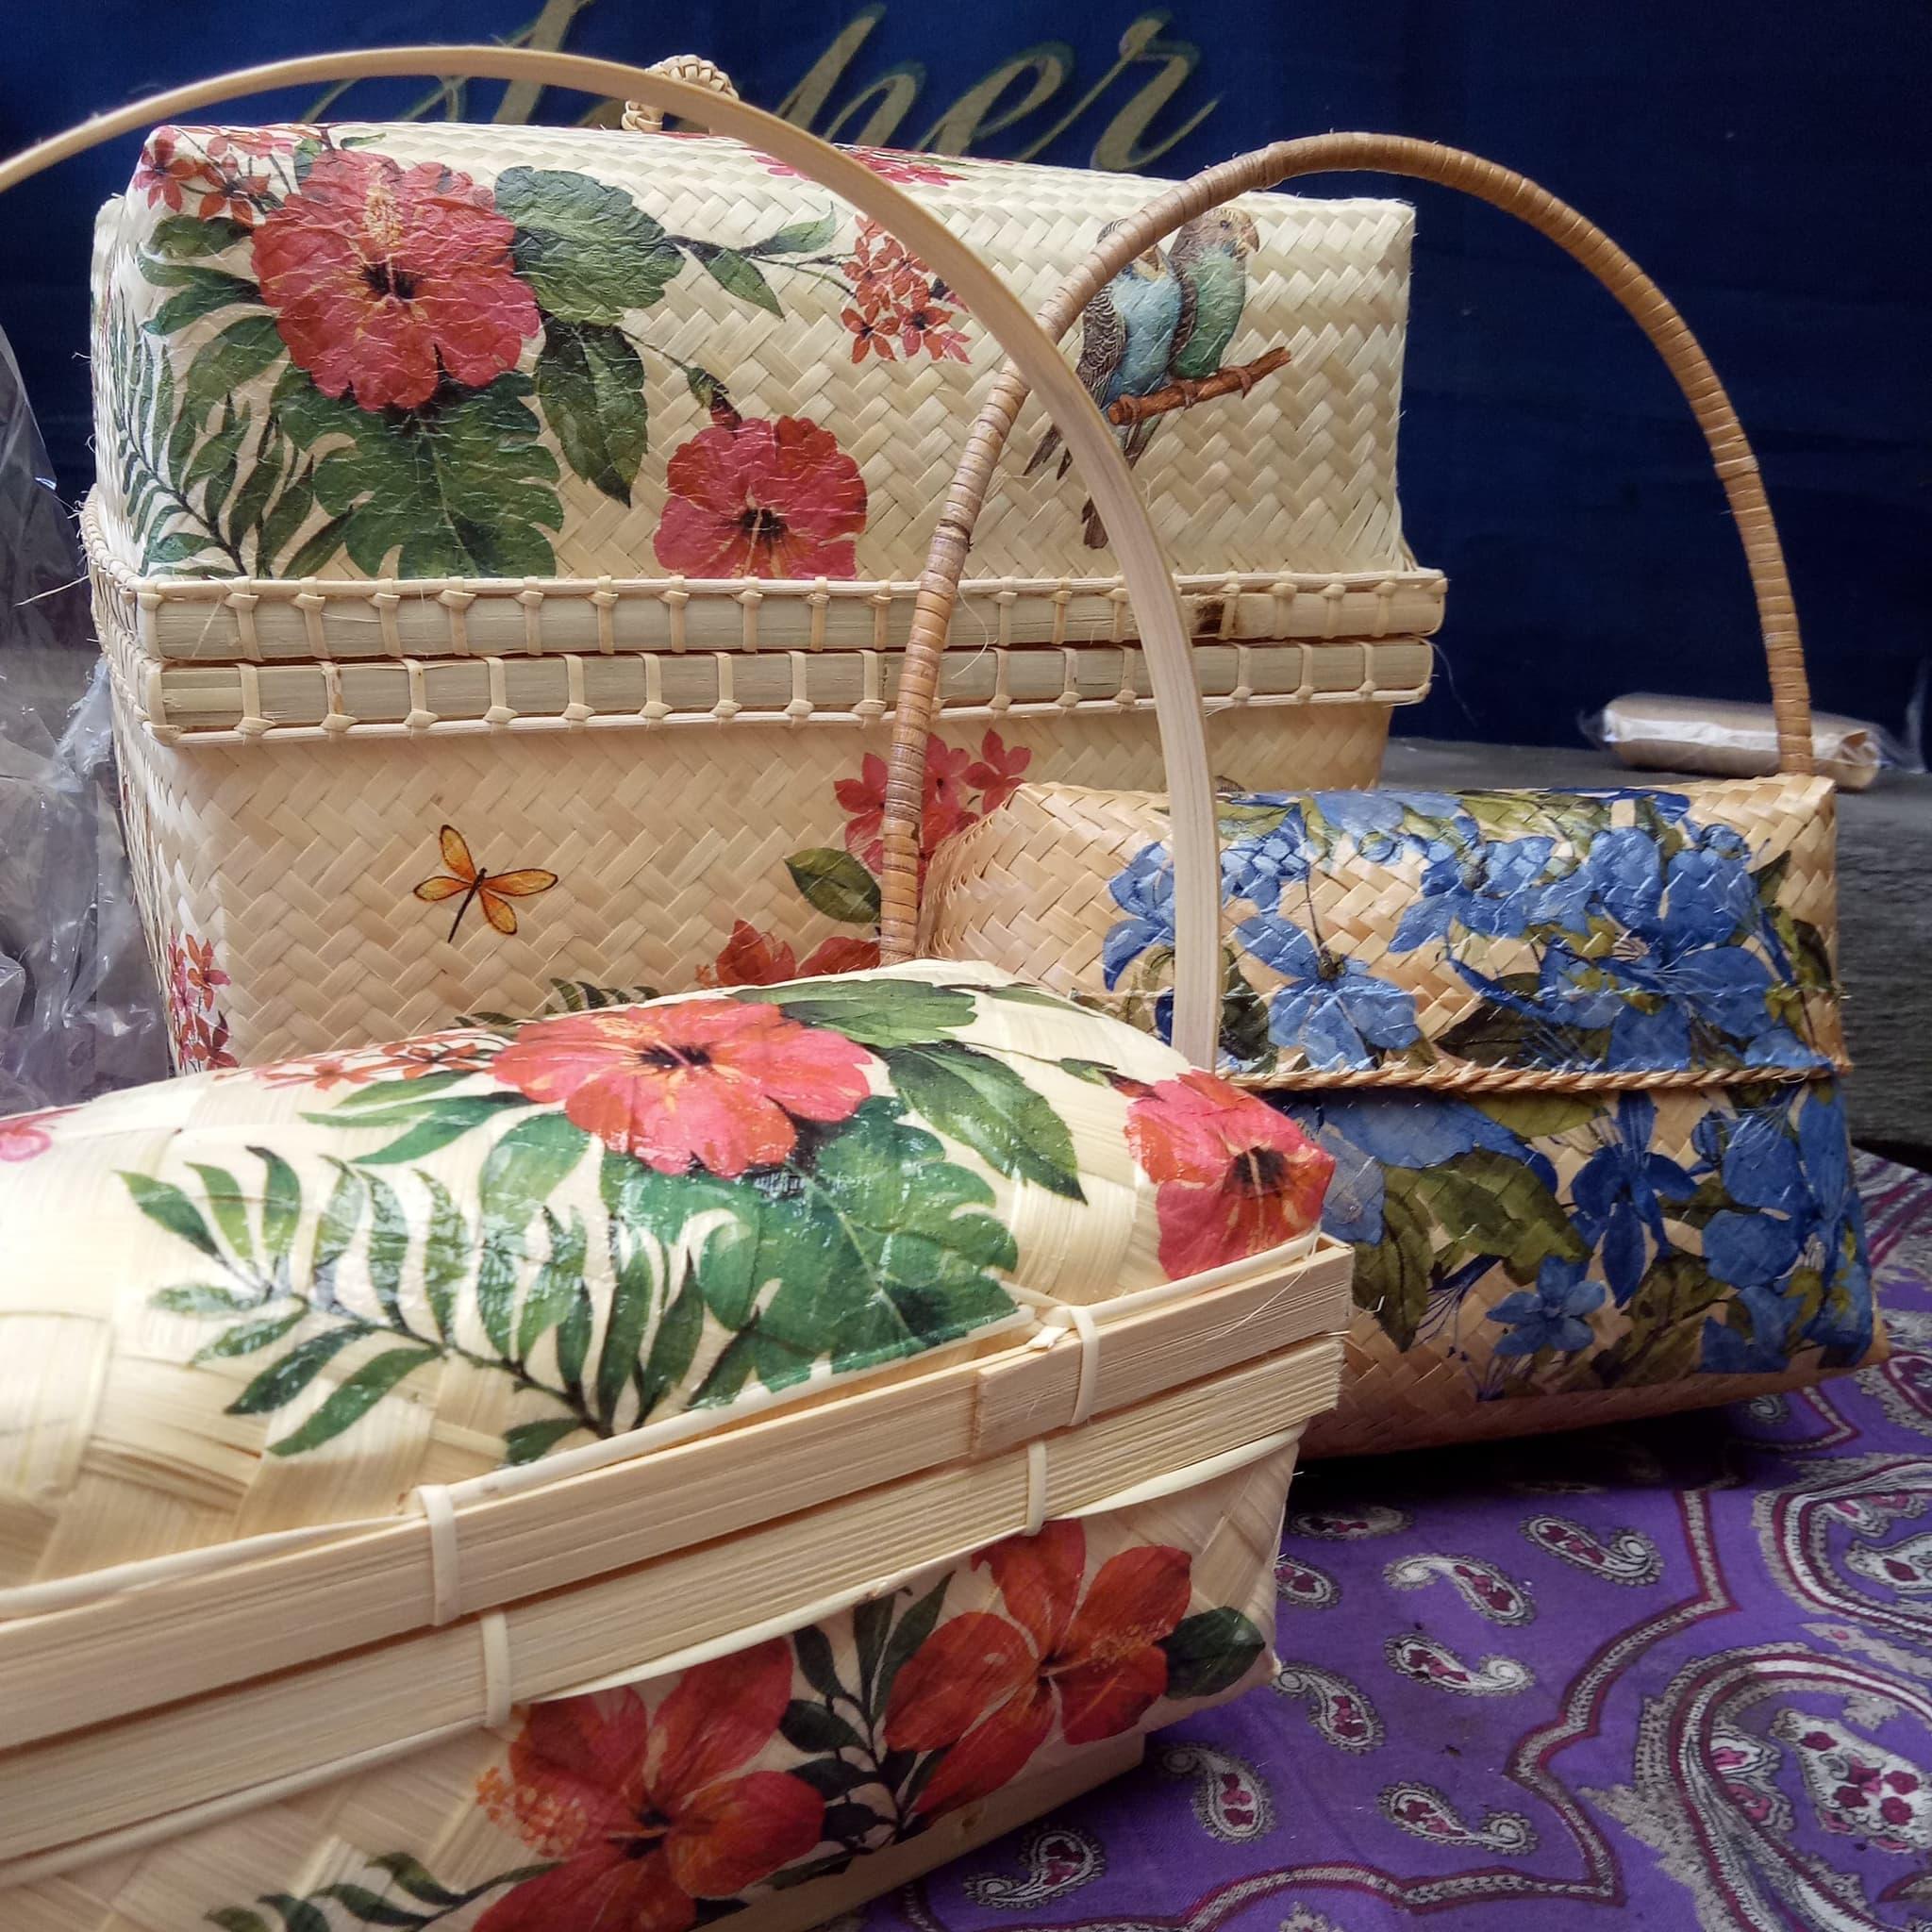 Jual Keben Bali Modern Sk 1779 Produk Ukm Bumn Kain Batik Handmade Warna Alam